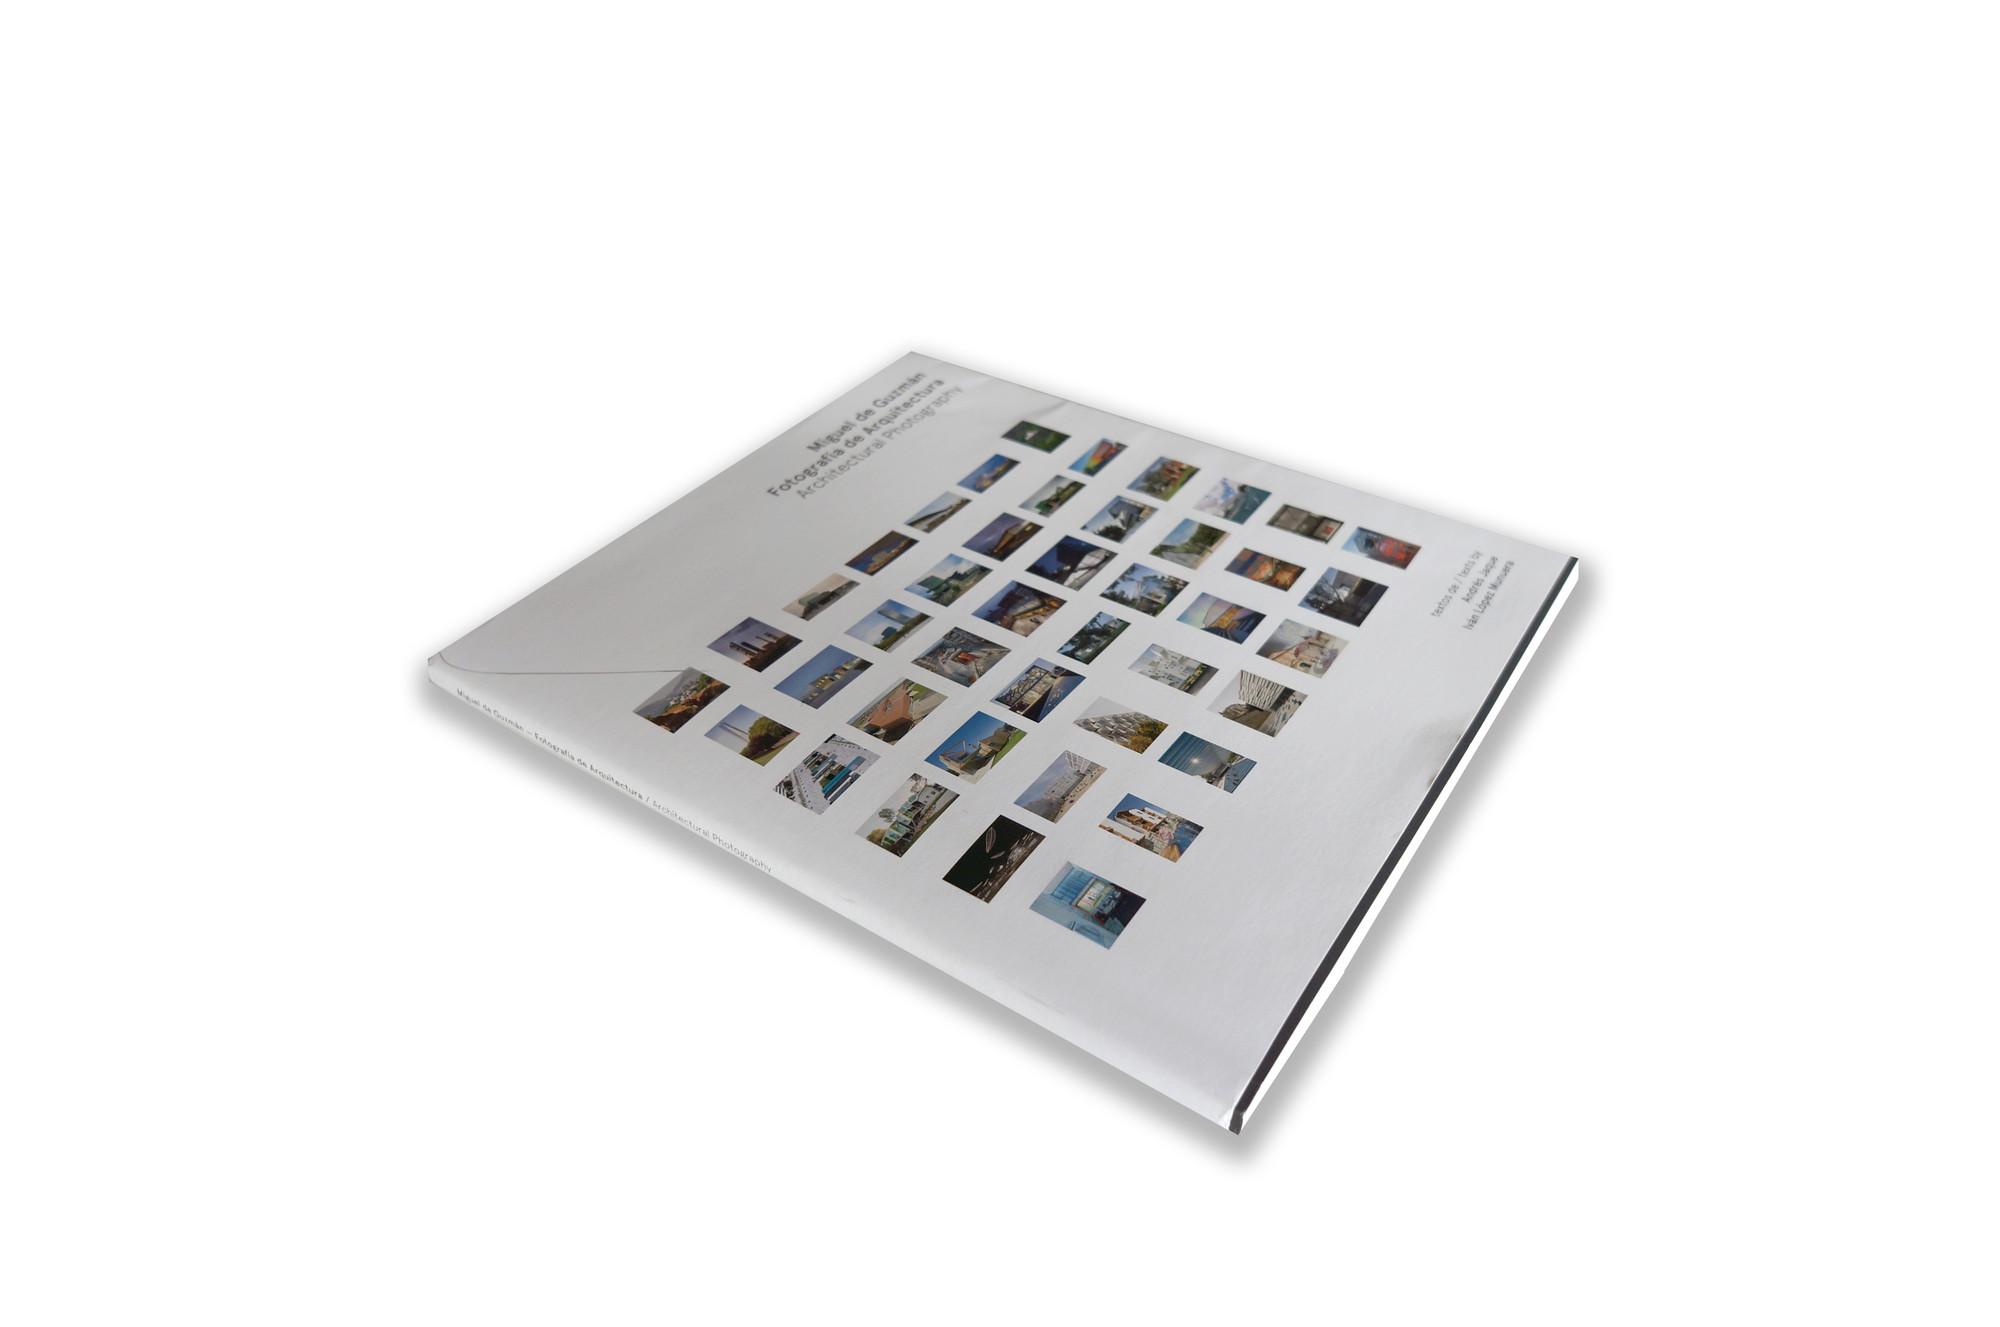 Miguel de Guzmán: Fotografía de Arquitectura